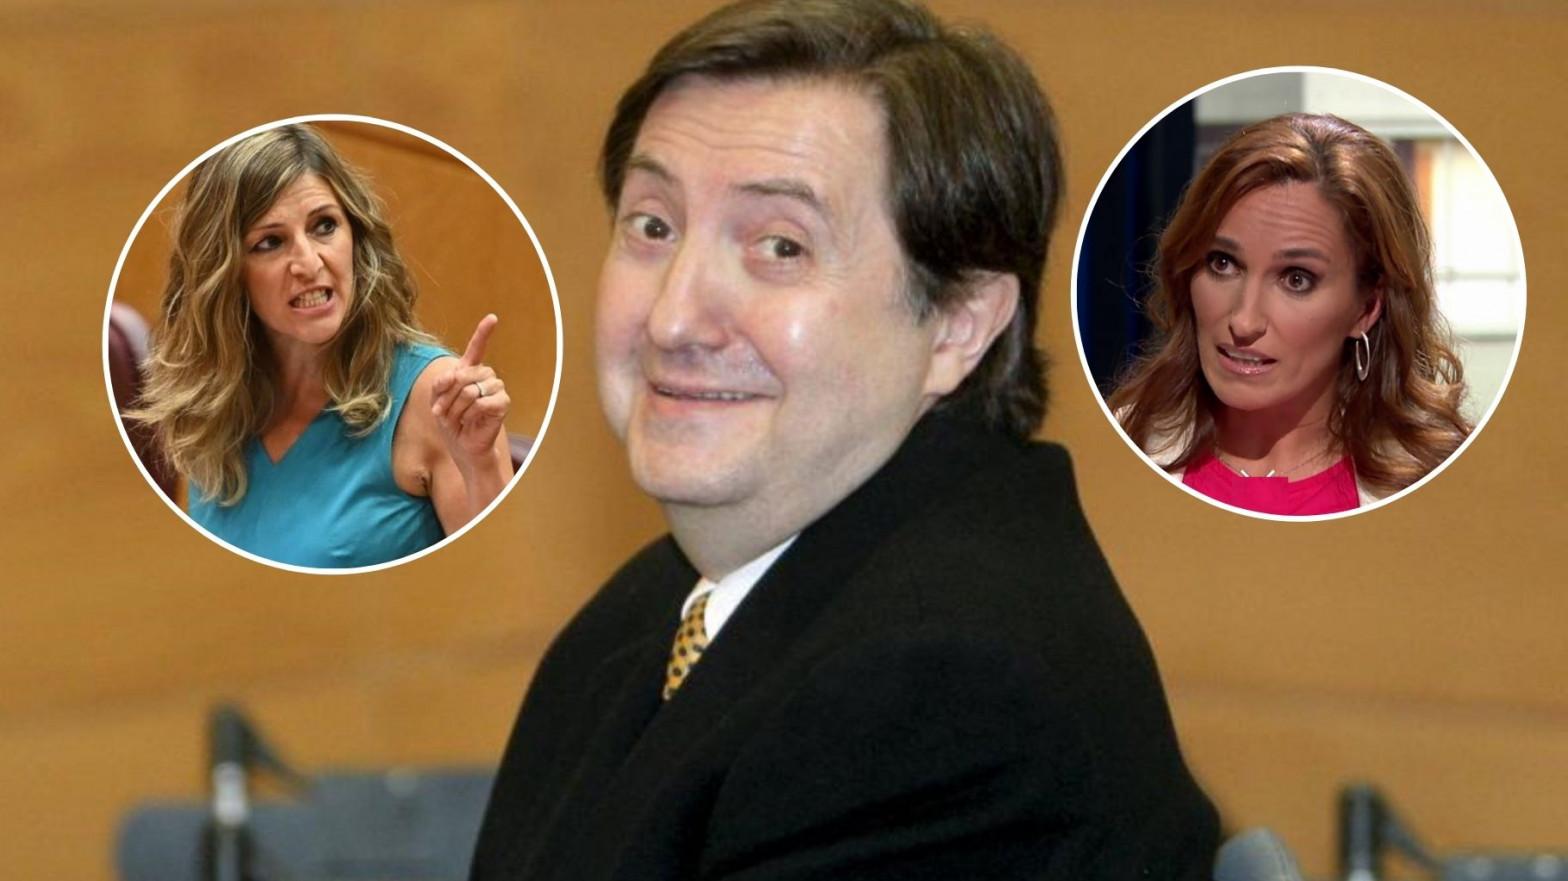 Losantos carga contra Mónica García y Yolanda Díaz y las acusa de mentir y fingir orgasmos